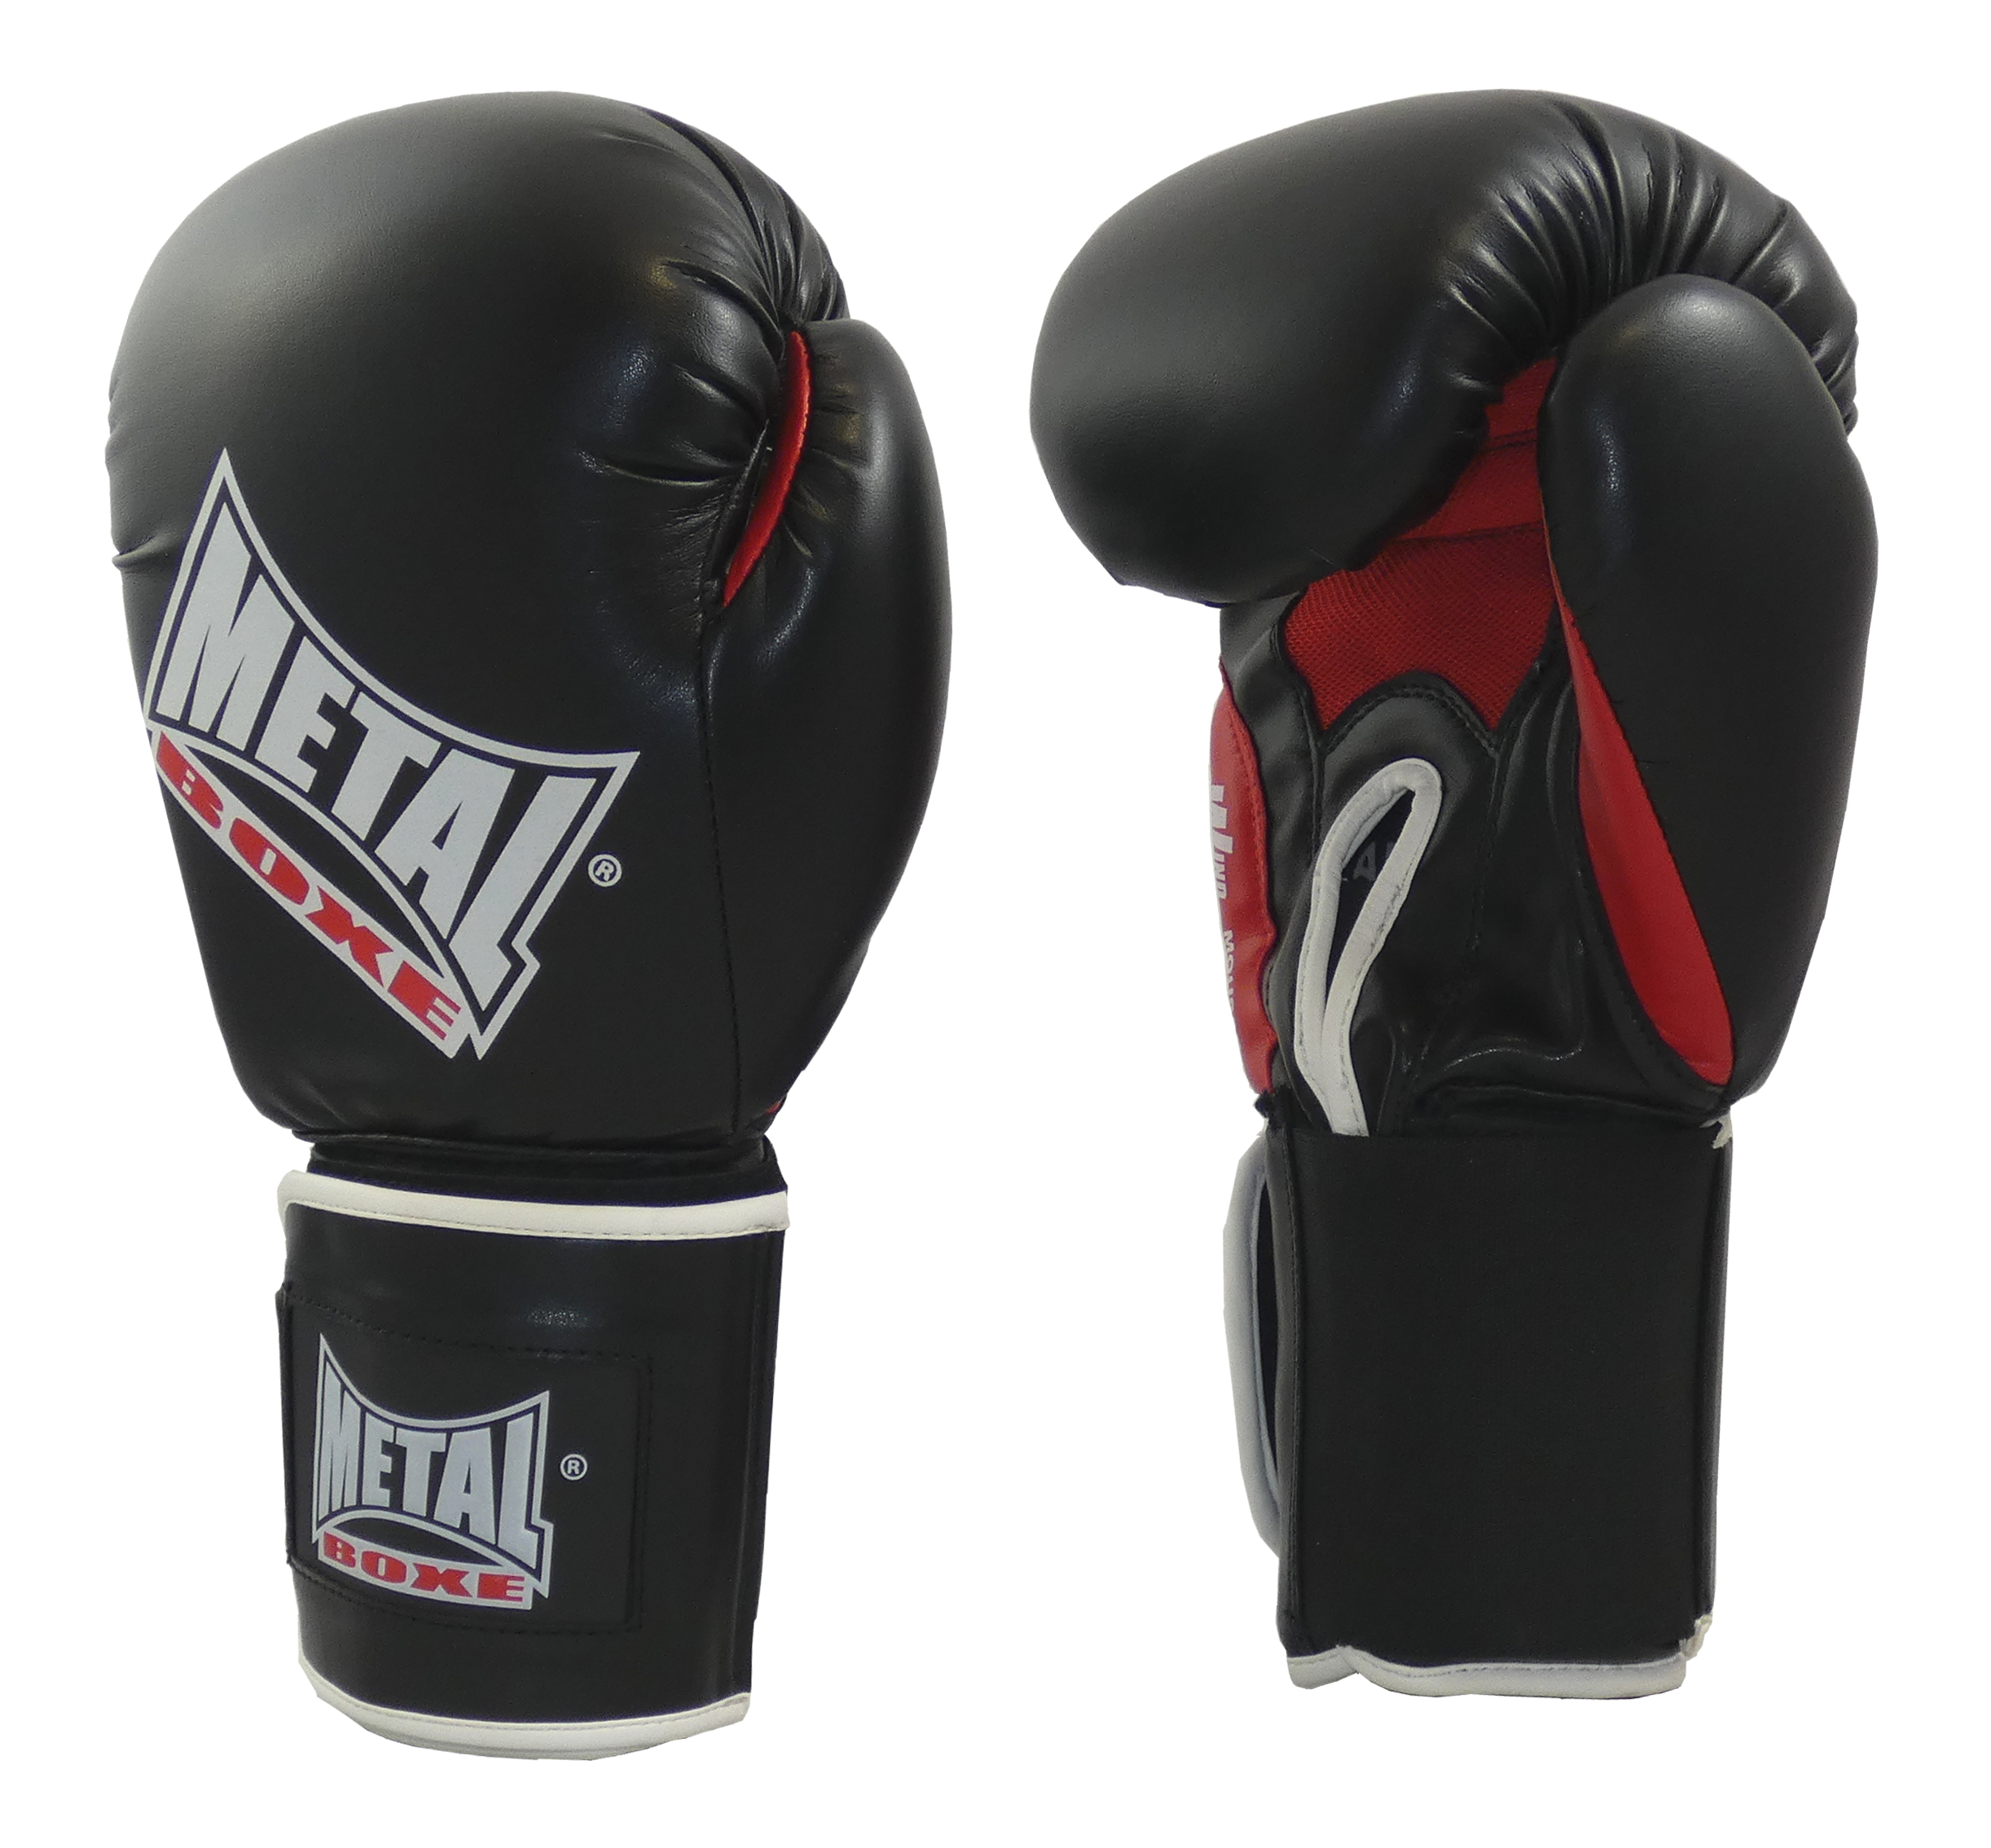 Gants de boxe Métal boxe OKO